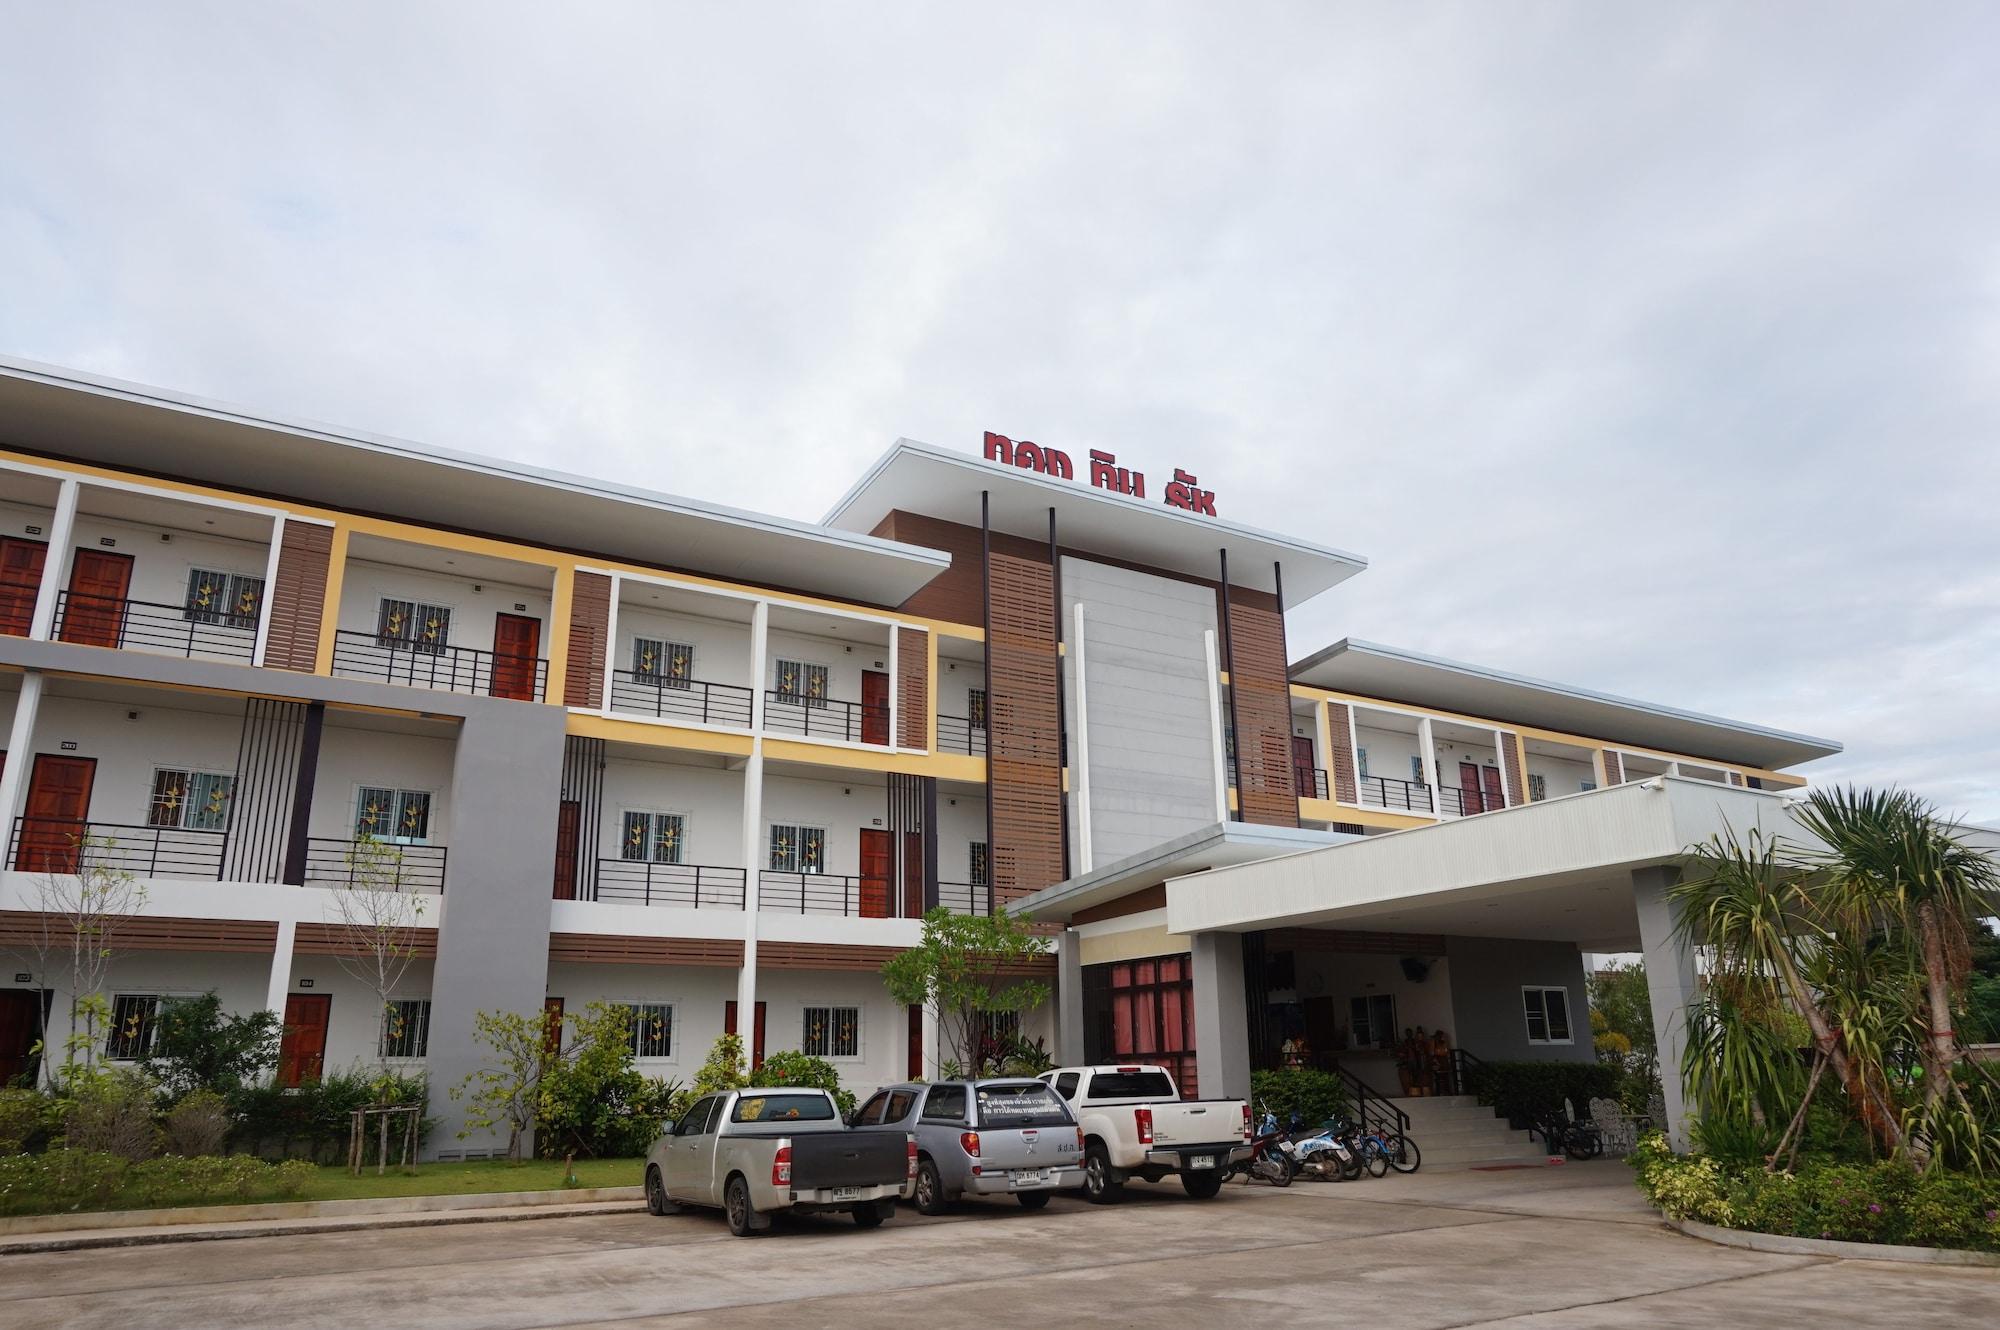 Tong Tin Tat Residence View, Muang Kalasin